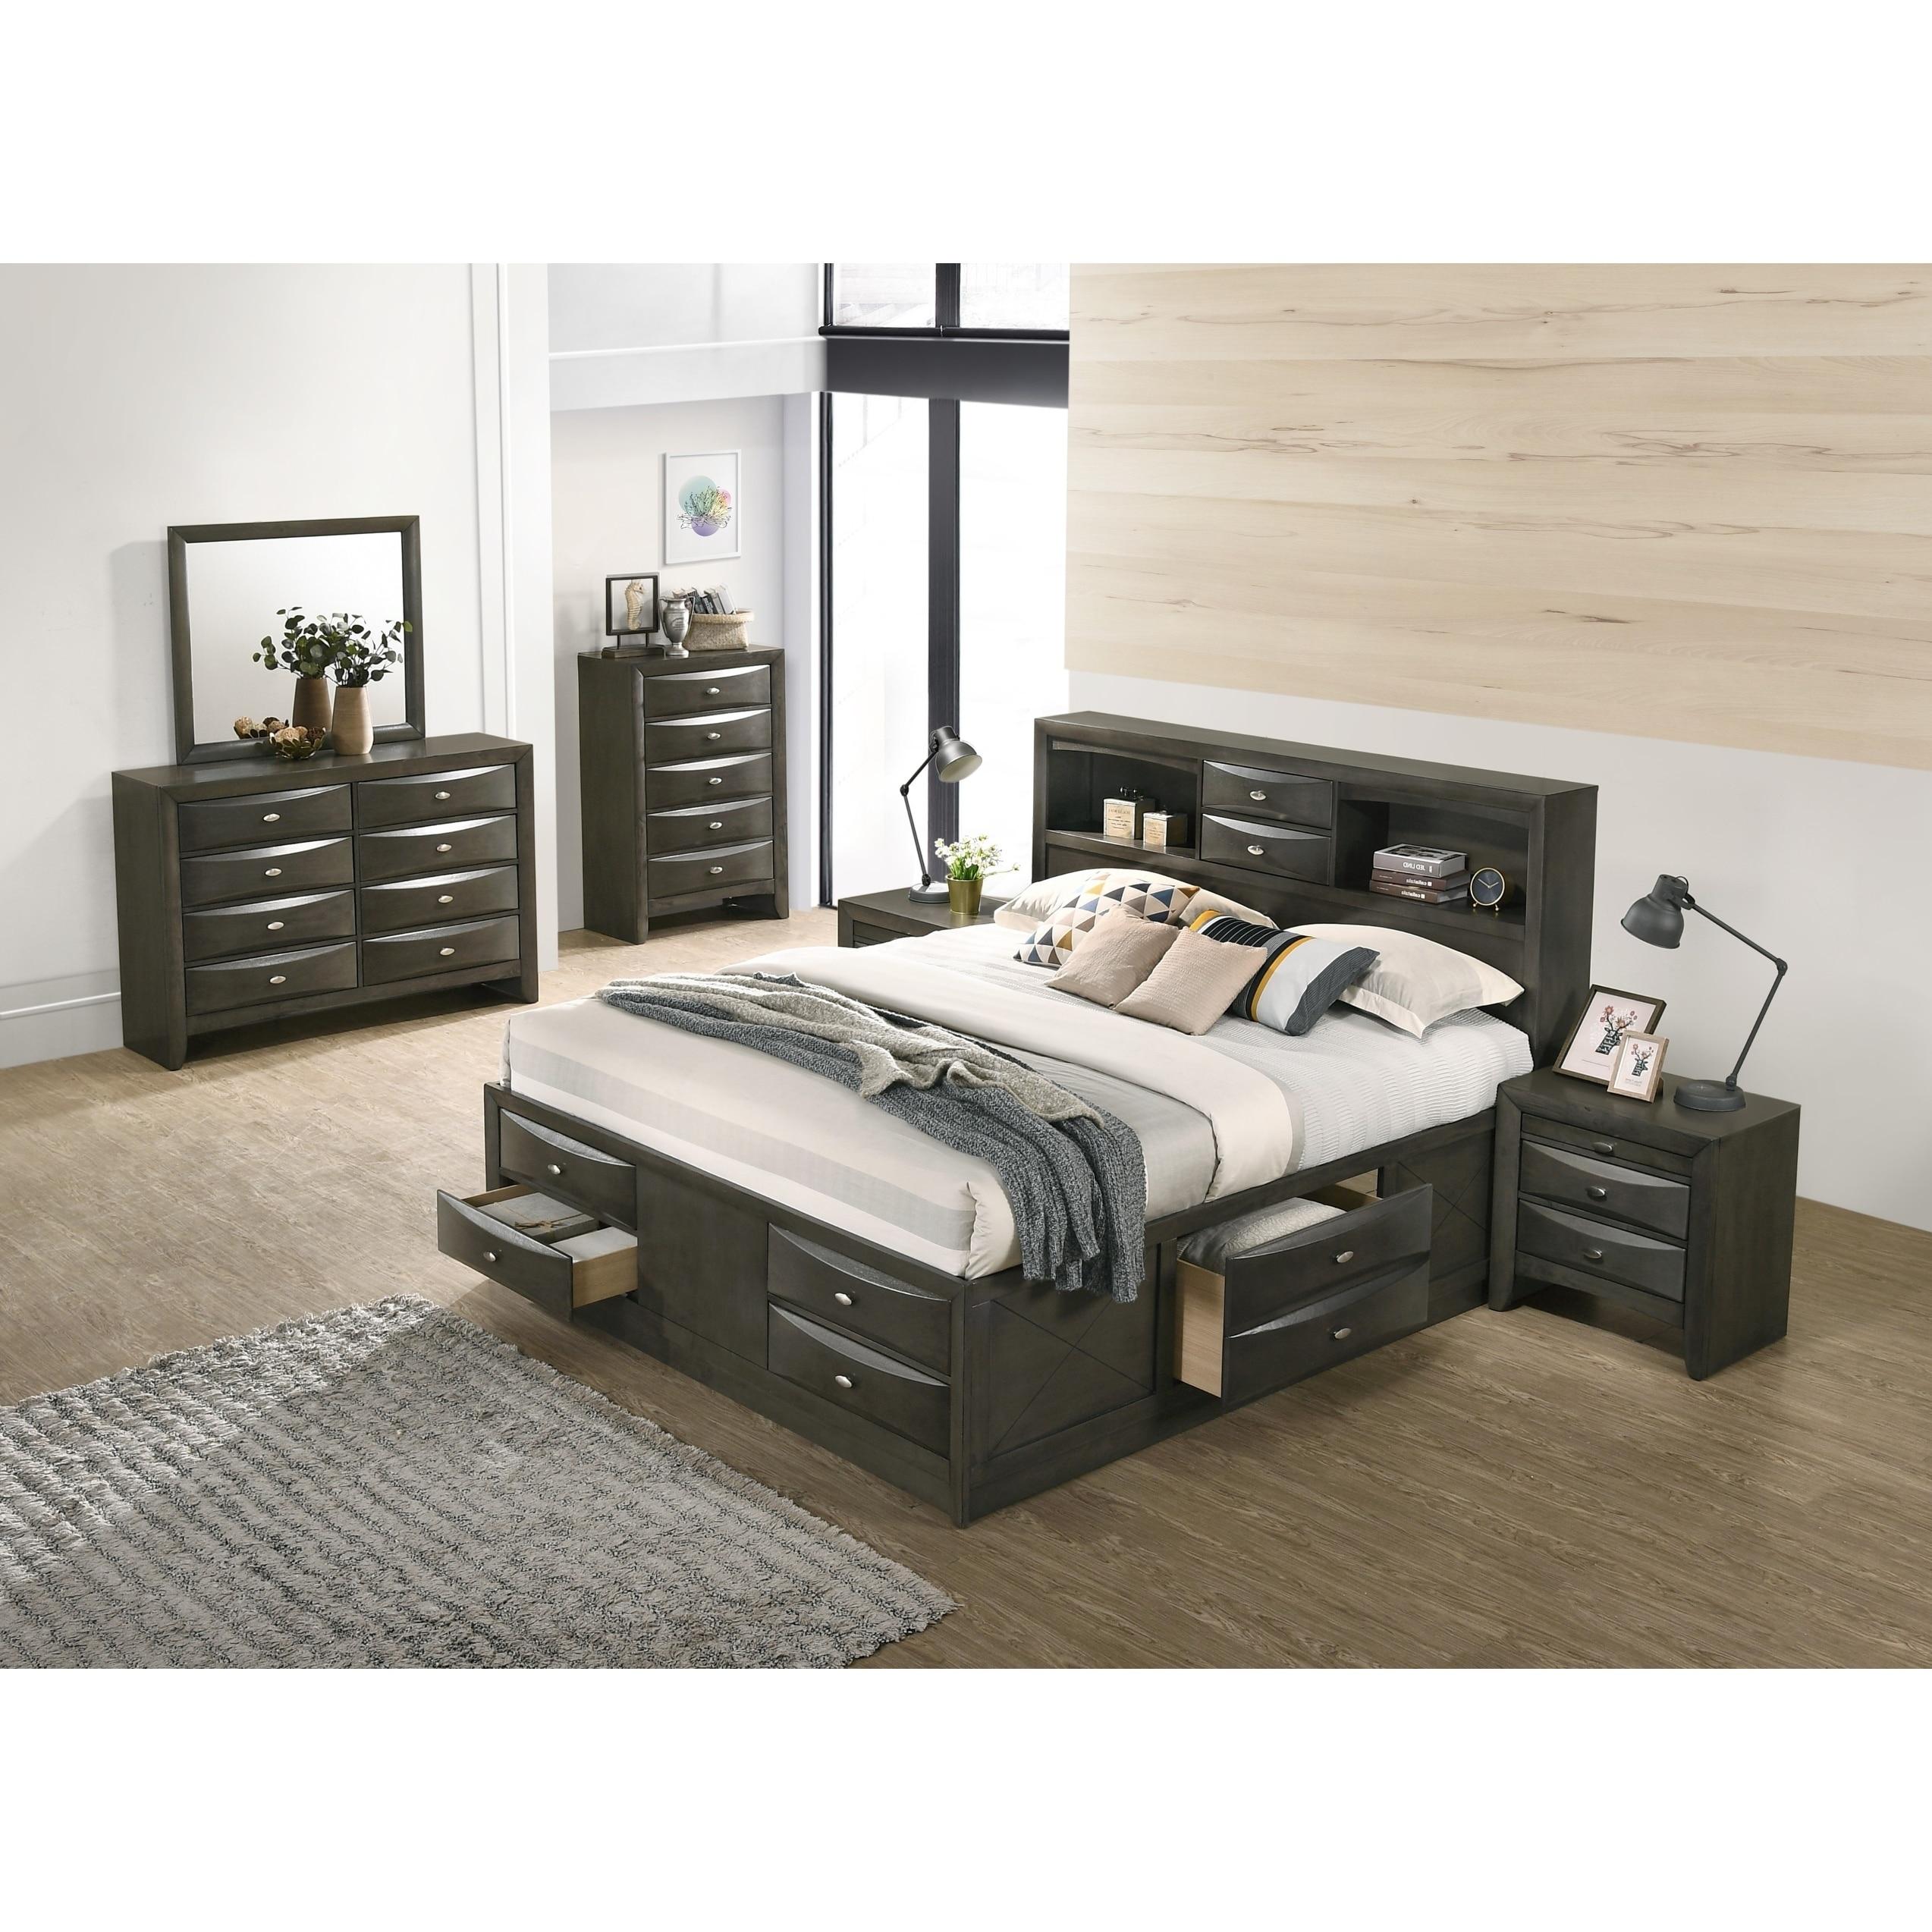 Shop Leslie Gray Finish Bed Set, Bookcase Headboard Storage Platform ...